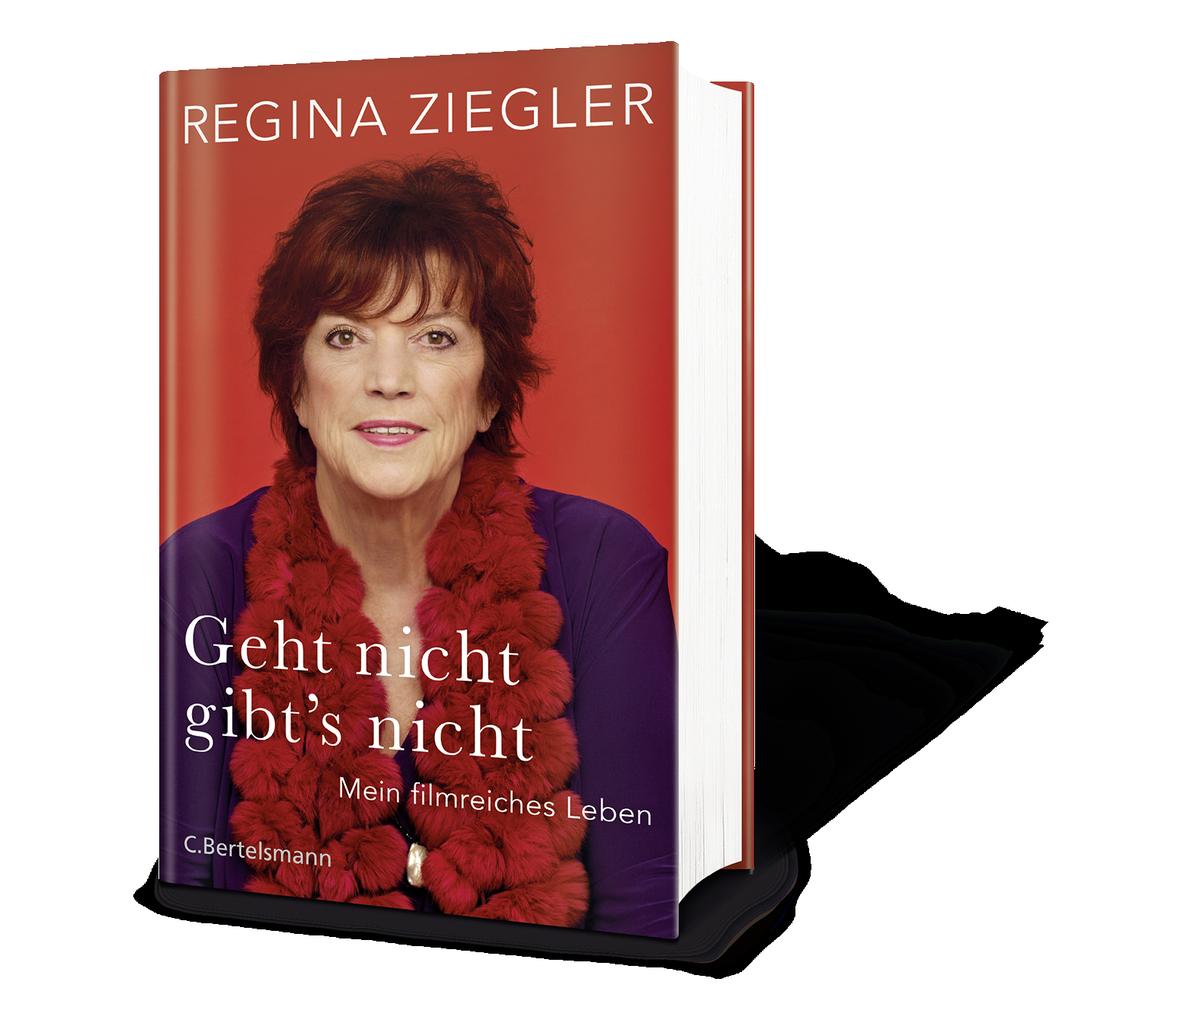 Zieglerfilm Gmbh Cokg On Twitter Regina Ziegler Heute Zu Gast